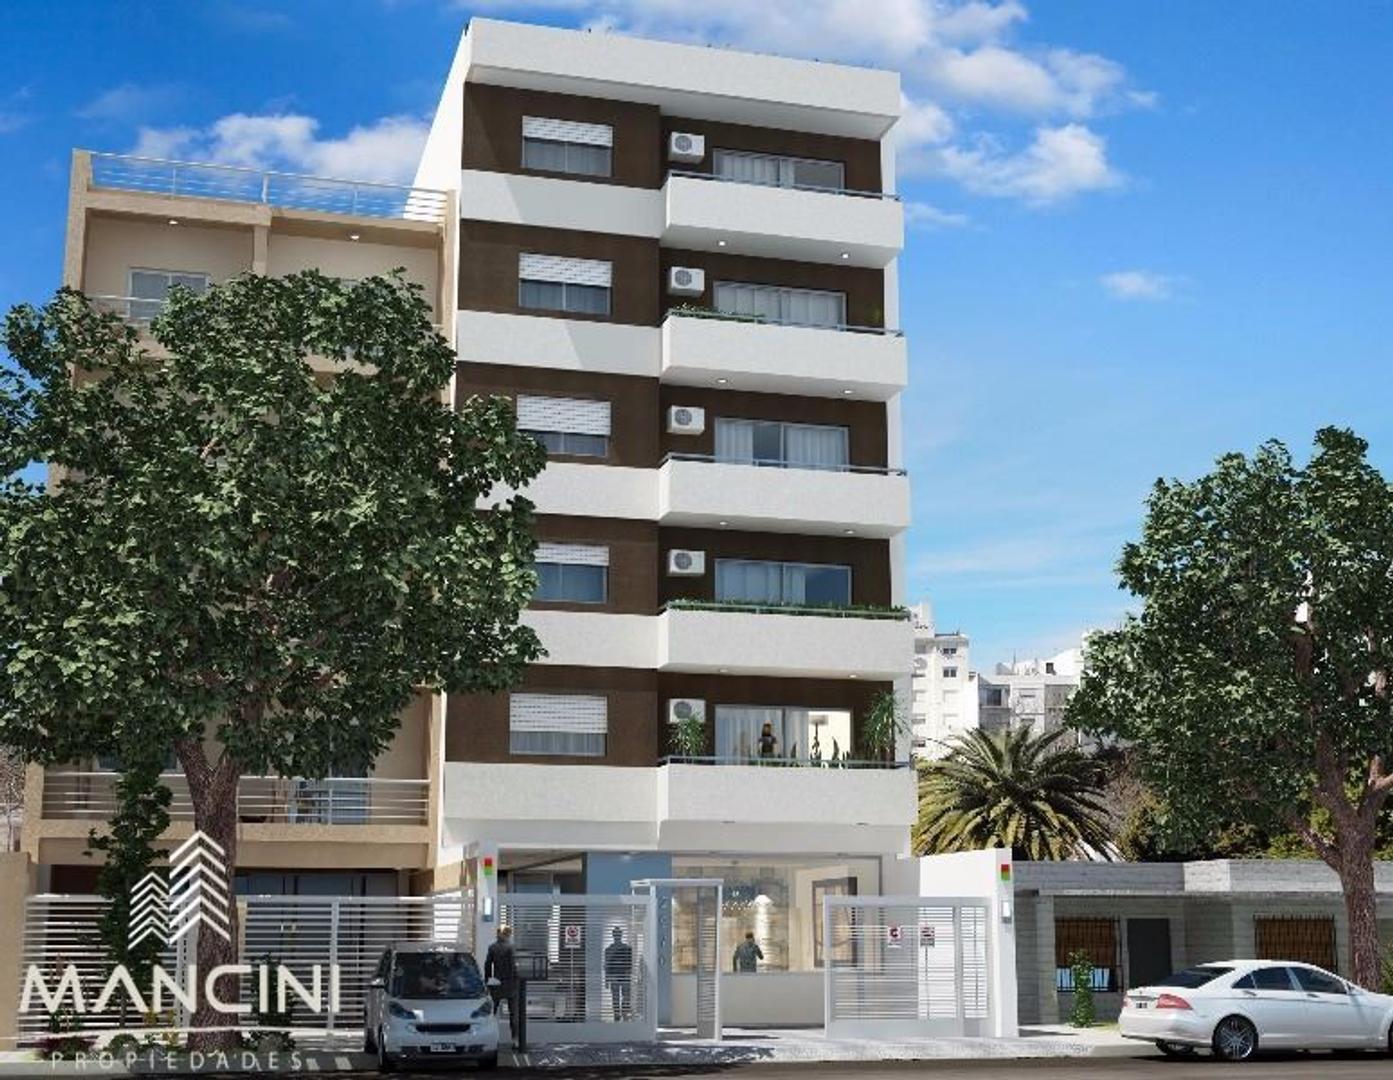 Venta en Obra - Edificio Campichuelo 2970 - Departamento 3 Ambientes con balcon